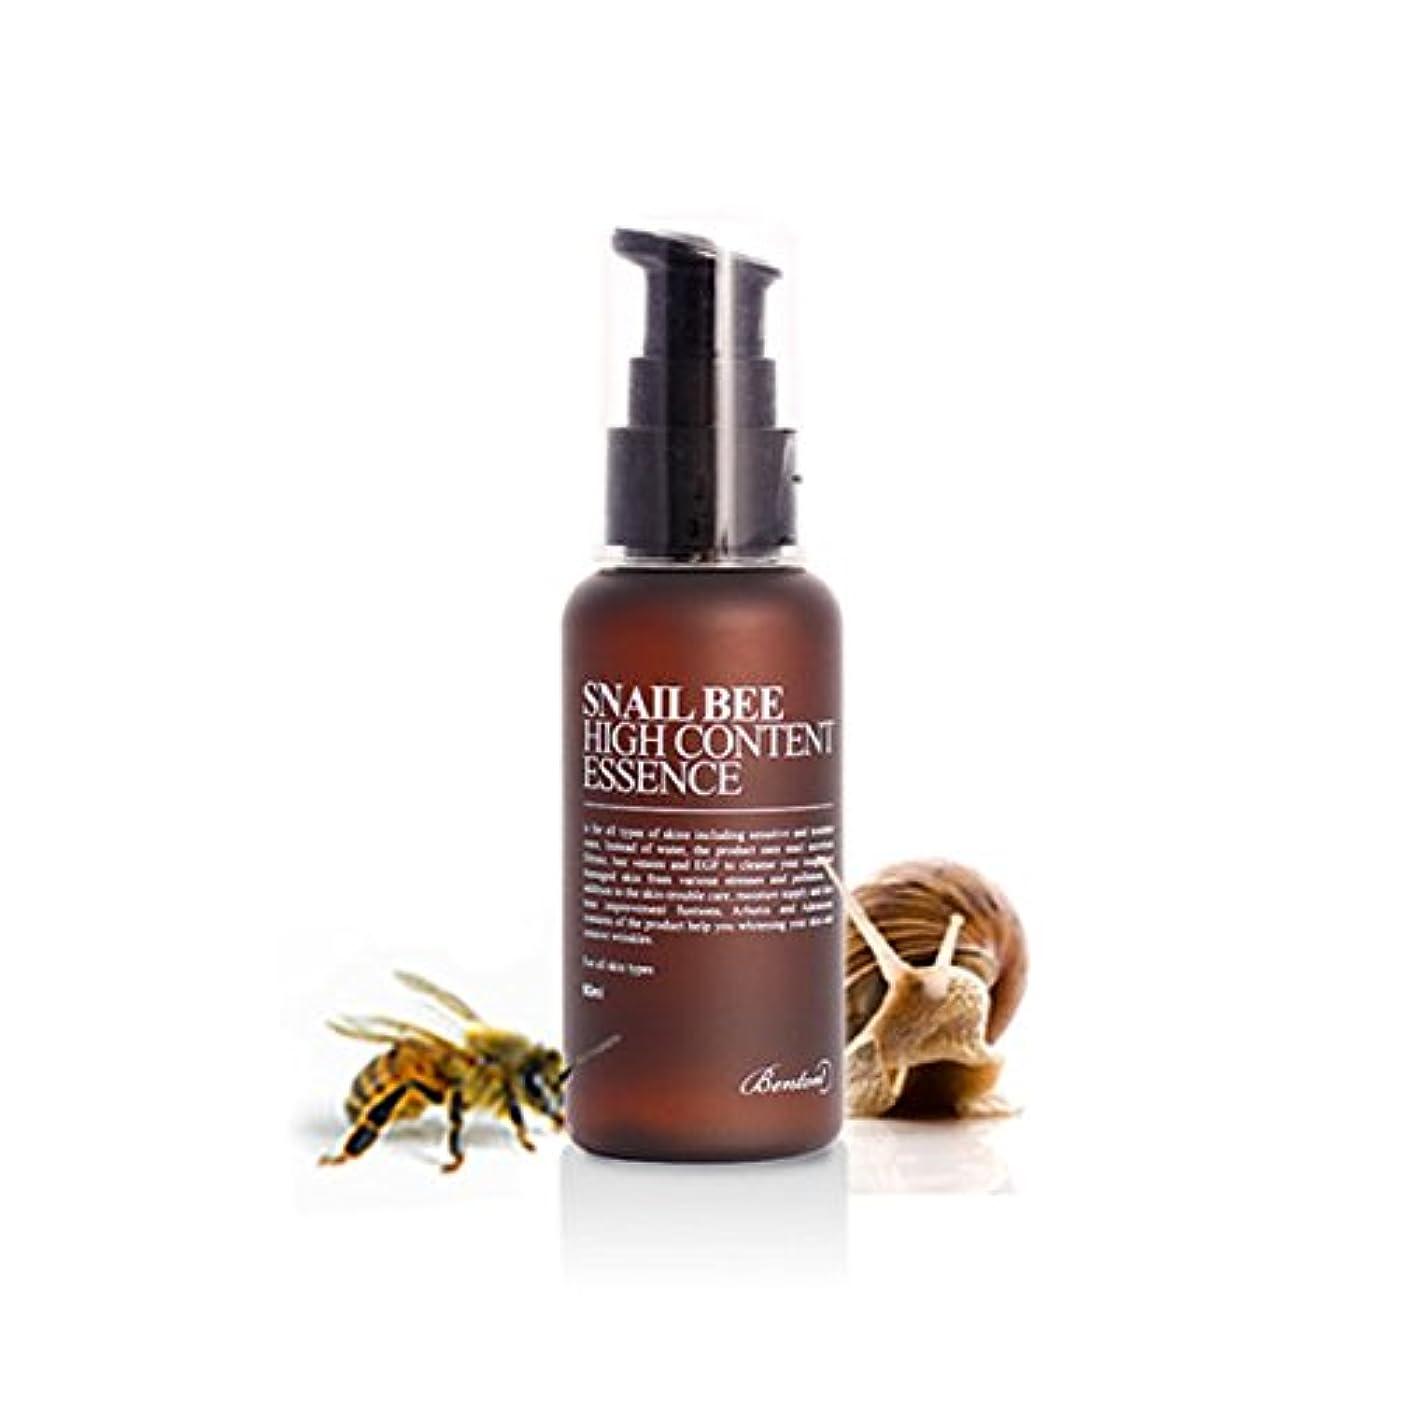 隔離する不運行政[ベントン] Benton カタツムリ蜂ハイコンテンツエッセンス Snail Bee High Content Essence 60ml [並行輸入品]